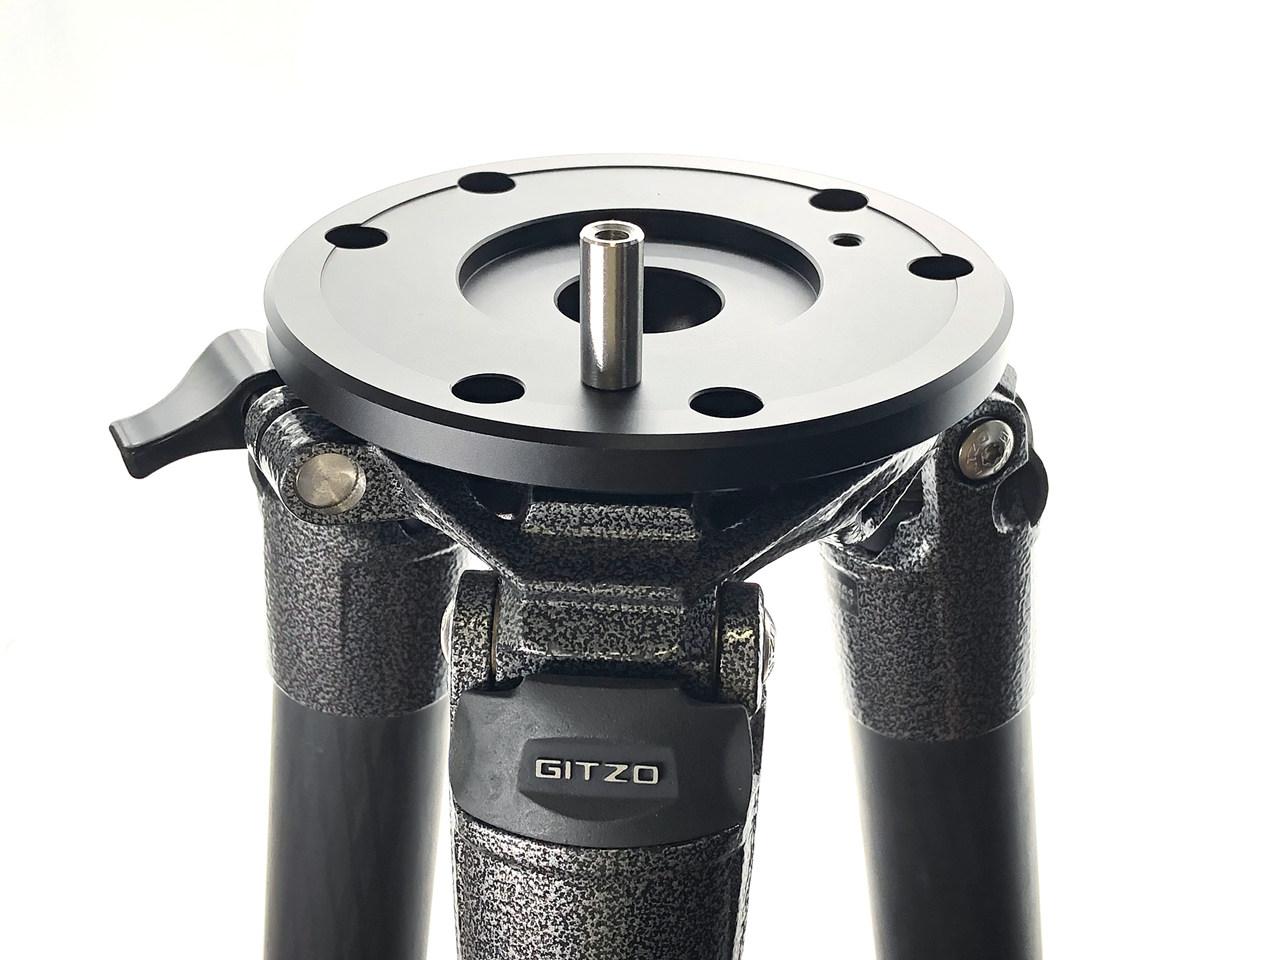 SD019-ジッツオ5型三脚用対応 タカハシEM/Skywatcher赤道儀用アダプター クリックポスト送料一律200円